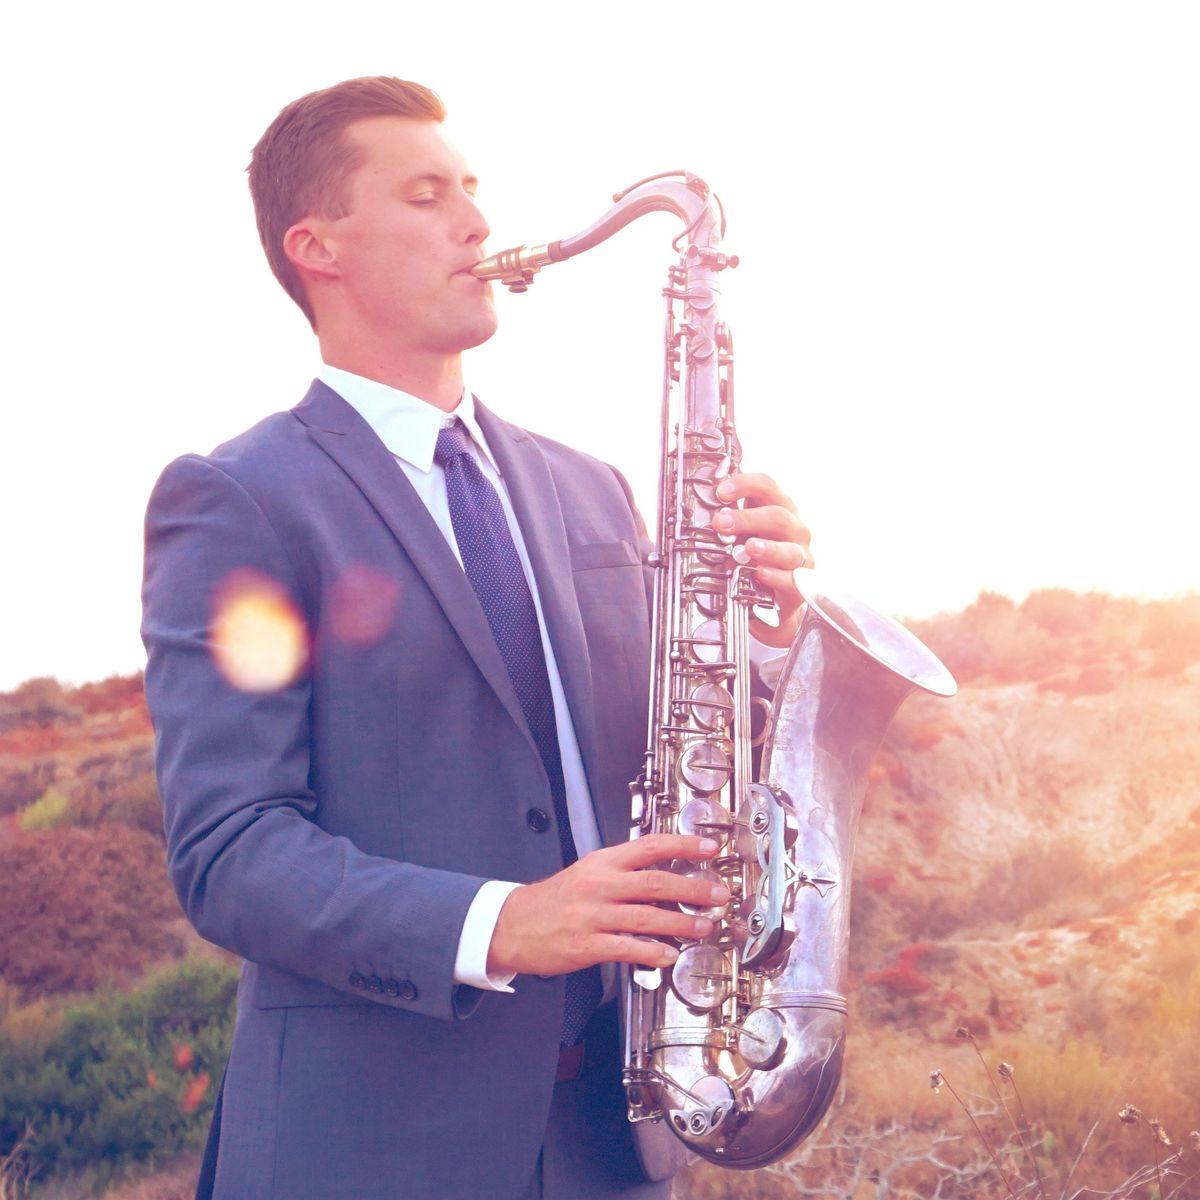 Newport Beach Wedding Musicians - Reviews for Musicians